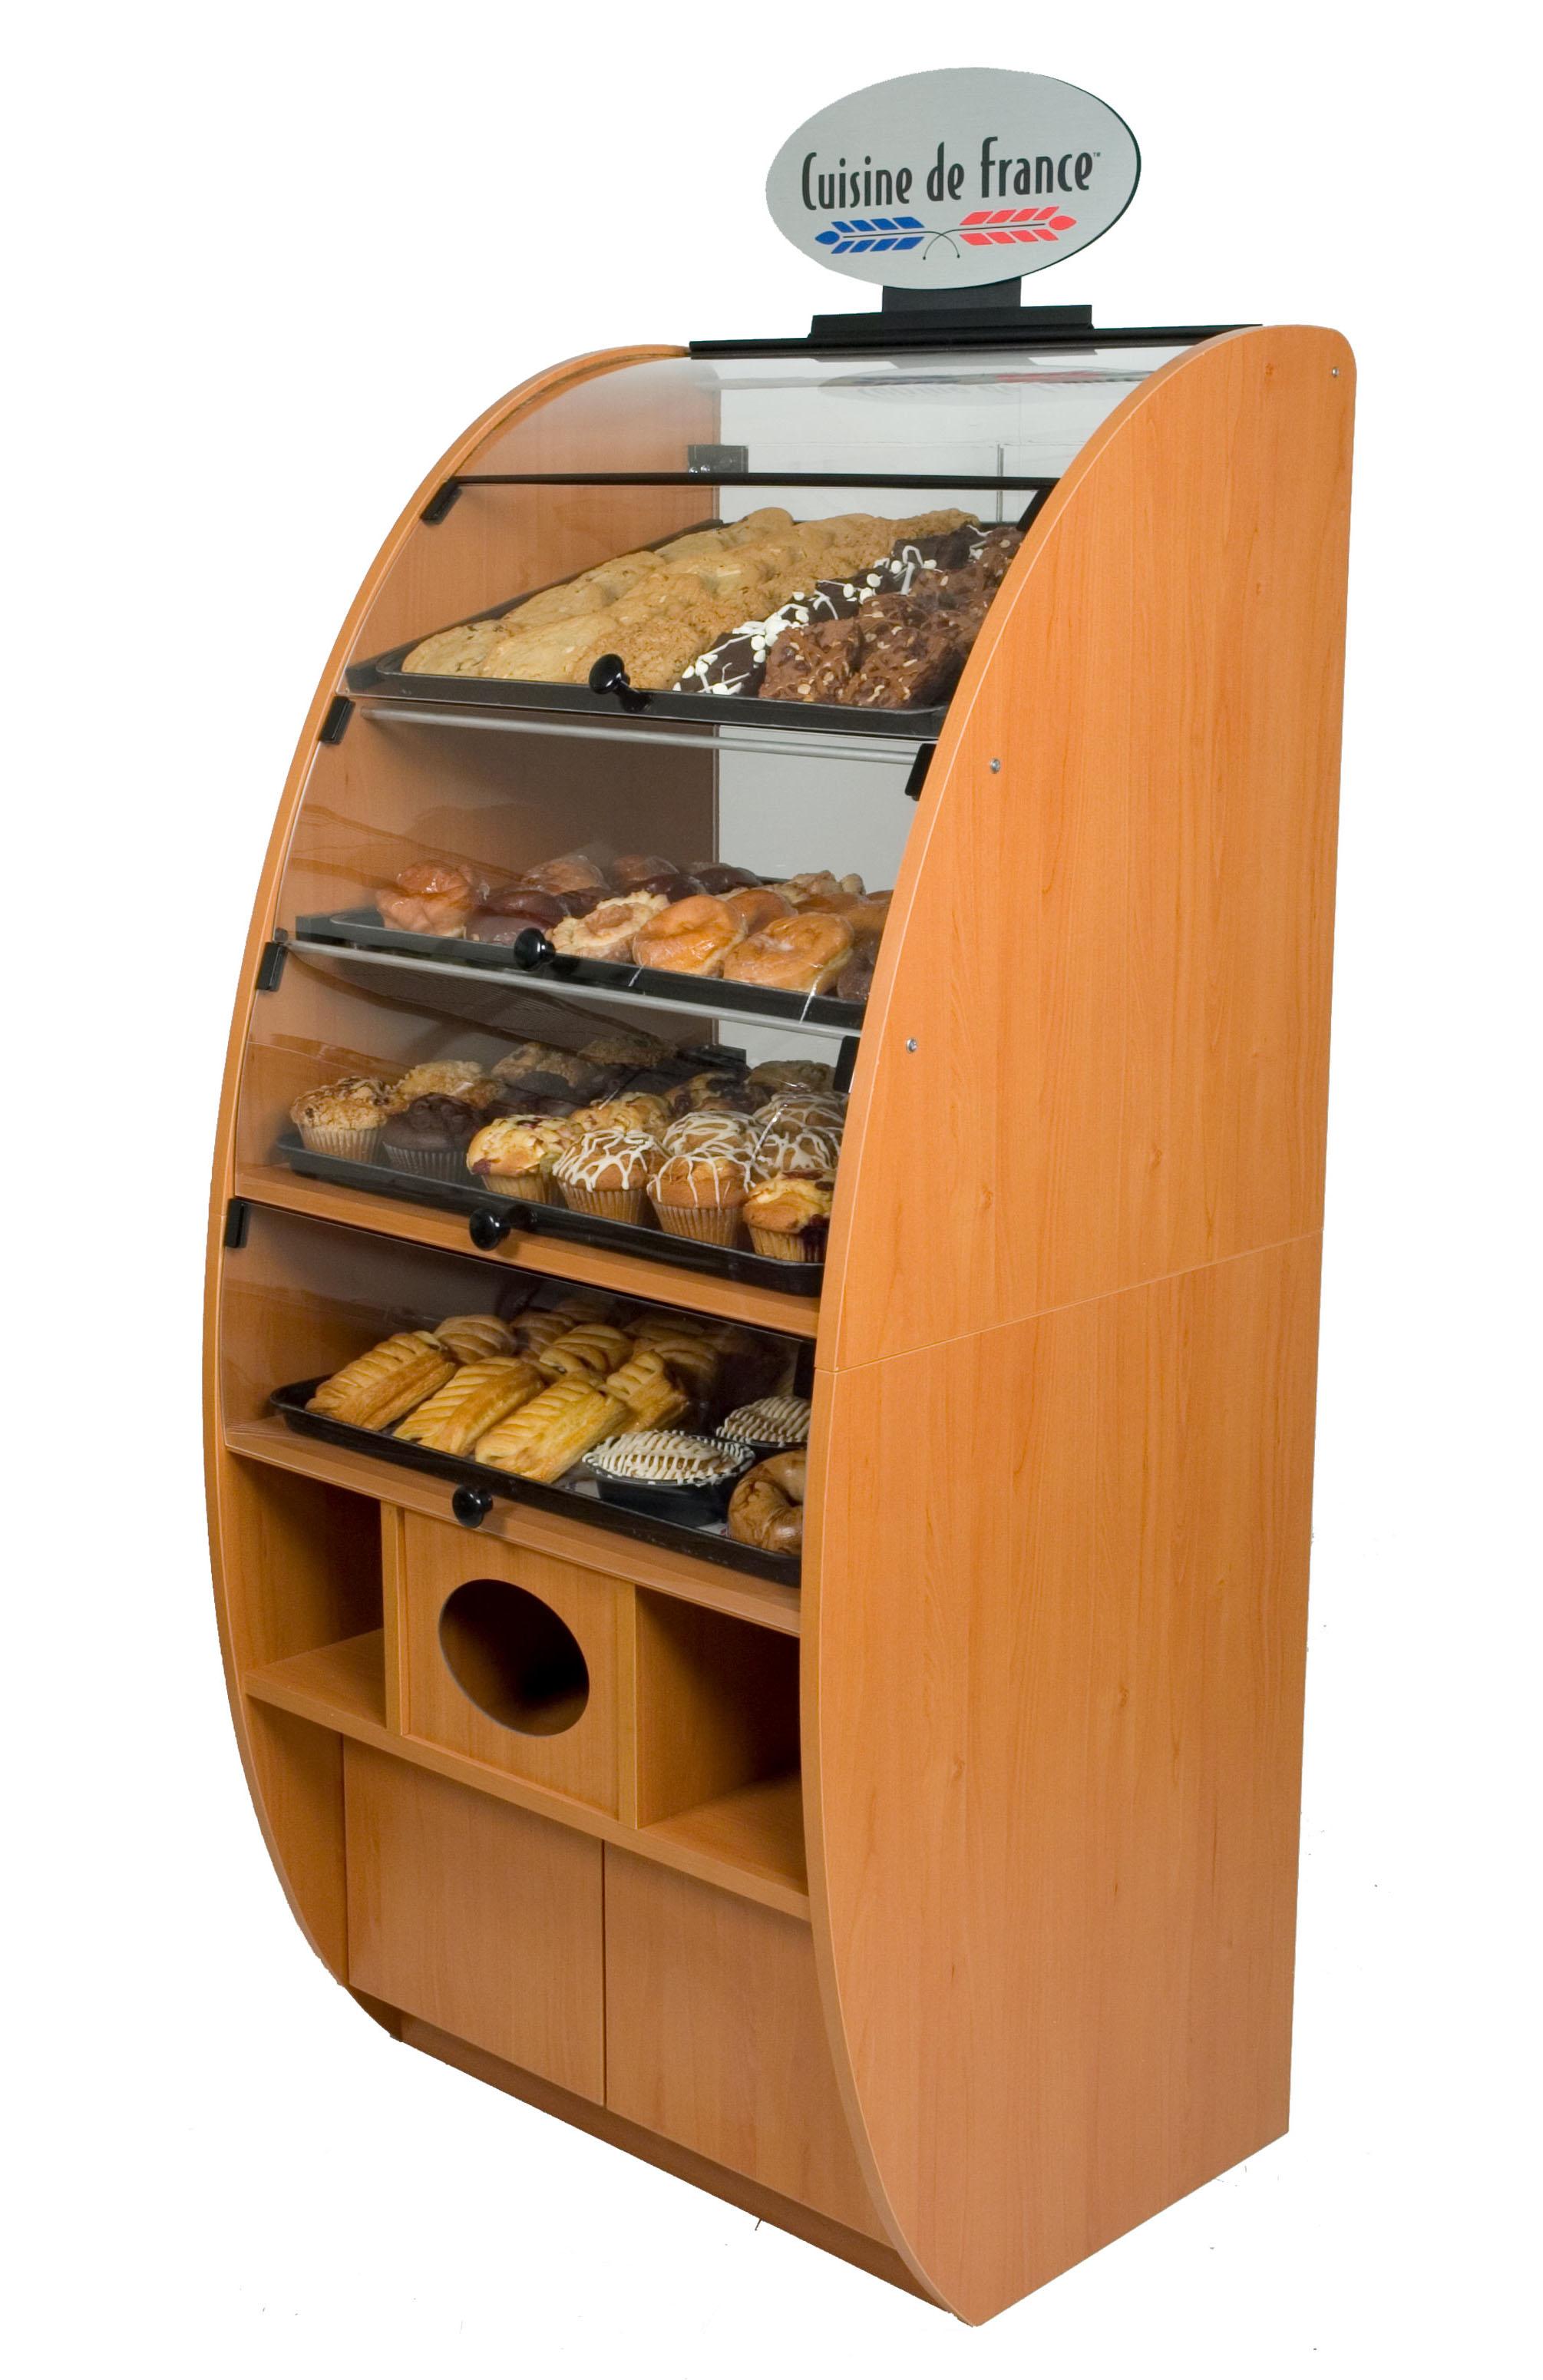 CuisineDeFrance-Bakery-Display-120.jpg